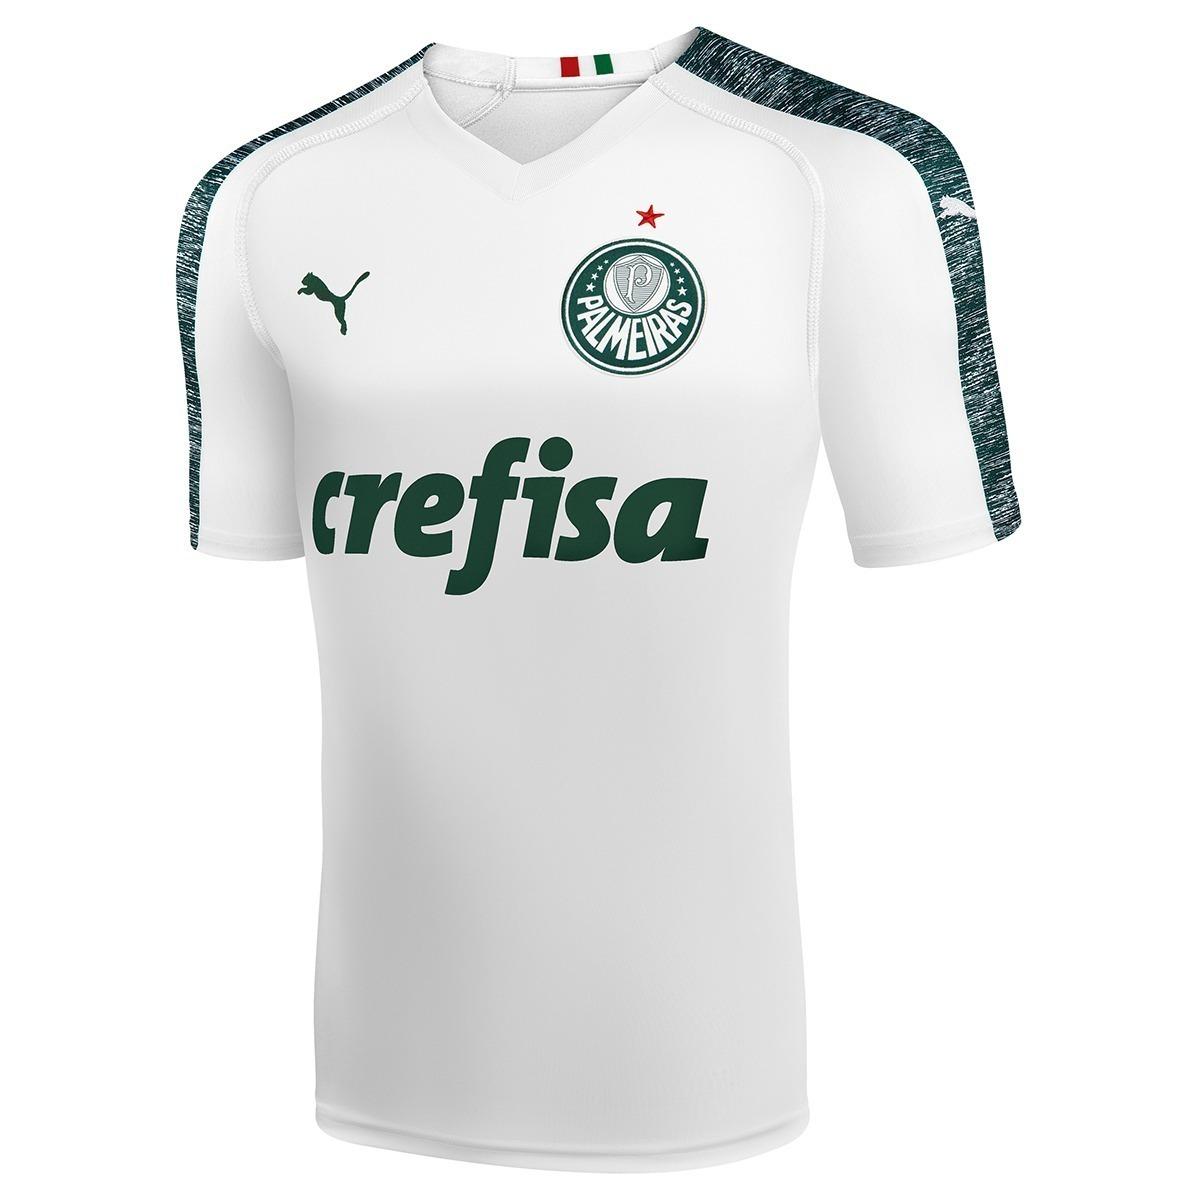 7cd8164b50 nova camisa branca palmeiras 2018 - puma promoção. Carregando zoom.